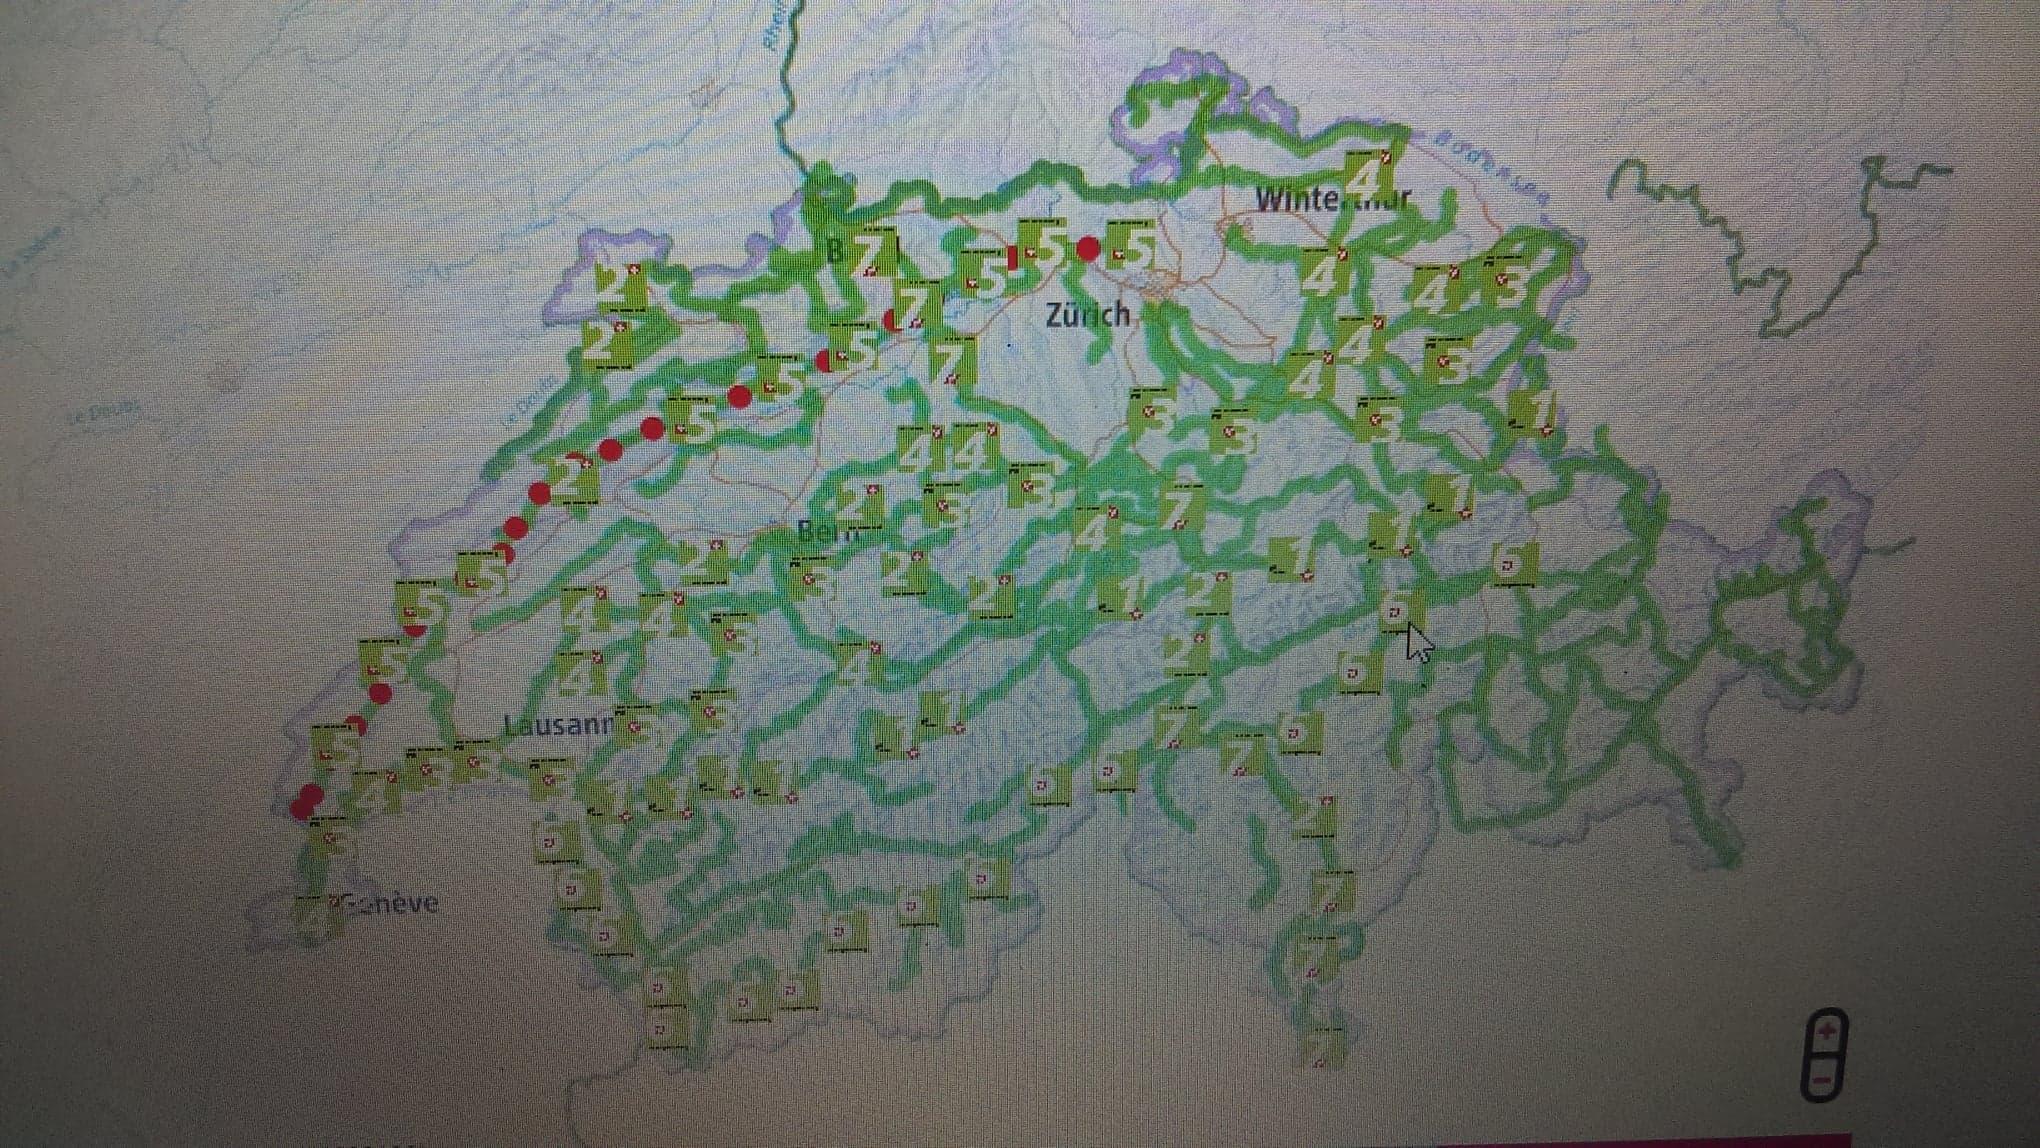 carte des parcours de randonnée en Suisse